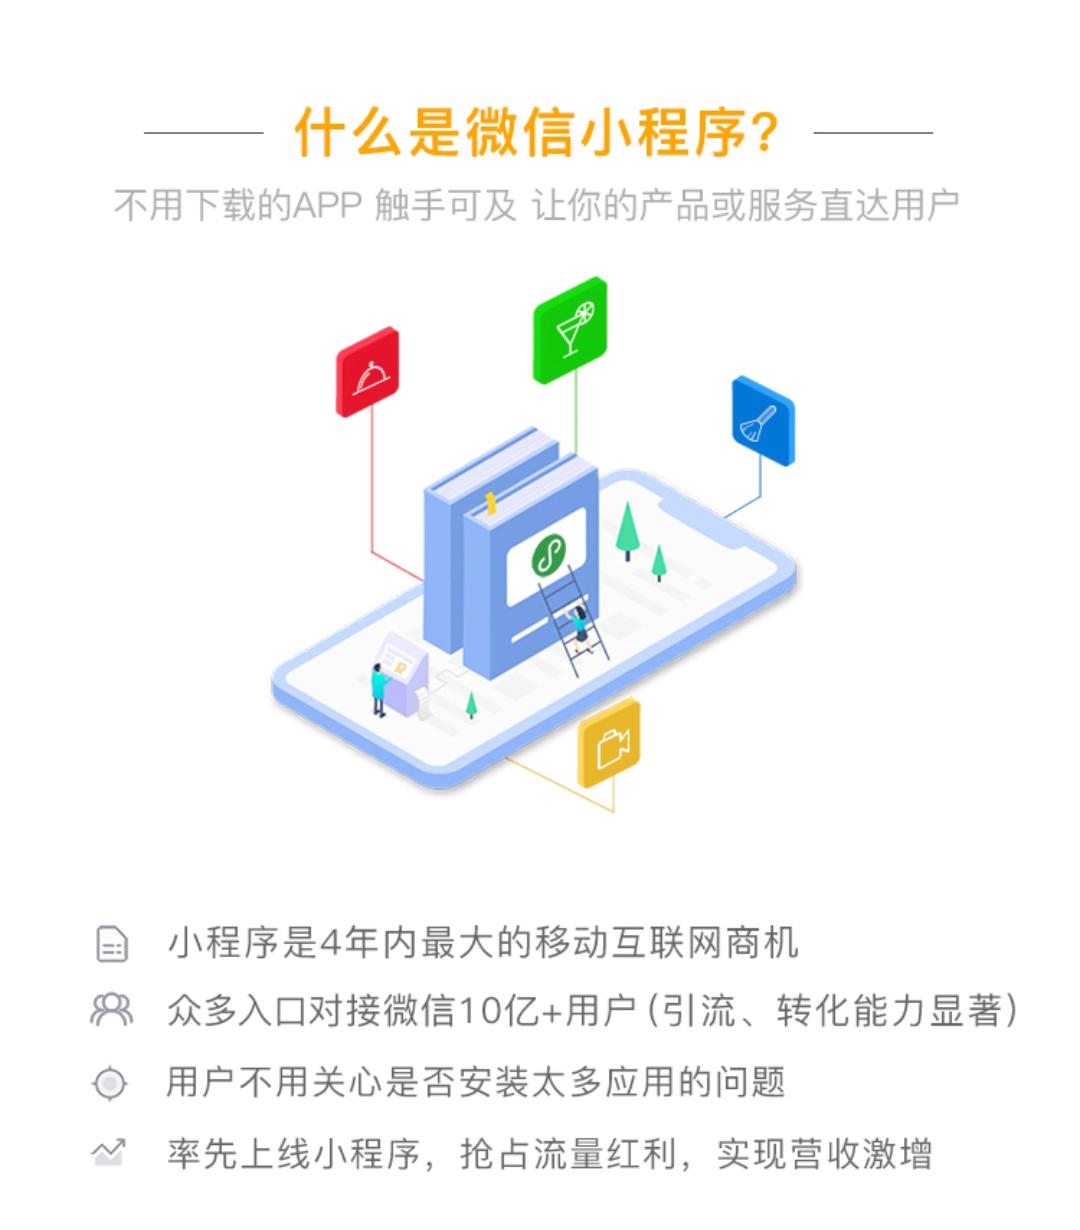 菜虫网络·企业展示小程序企业官网小程序